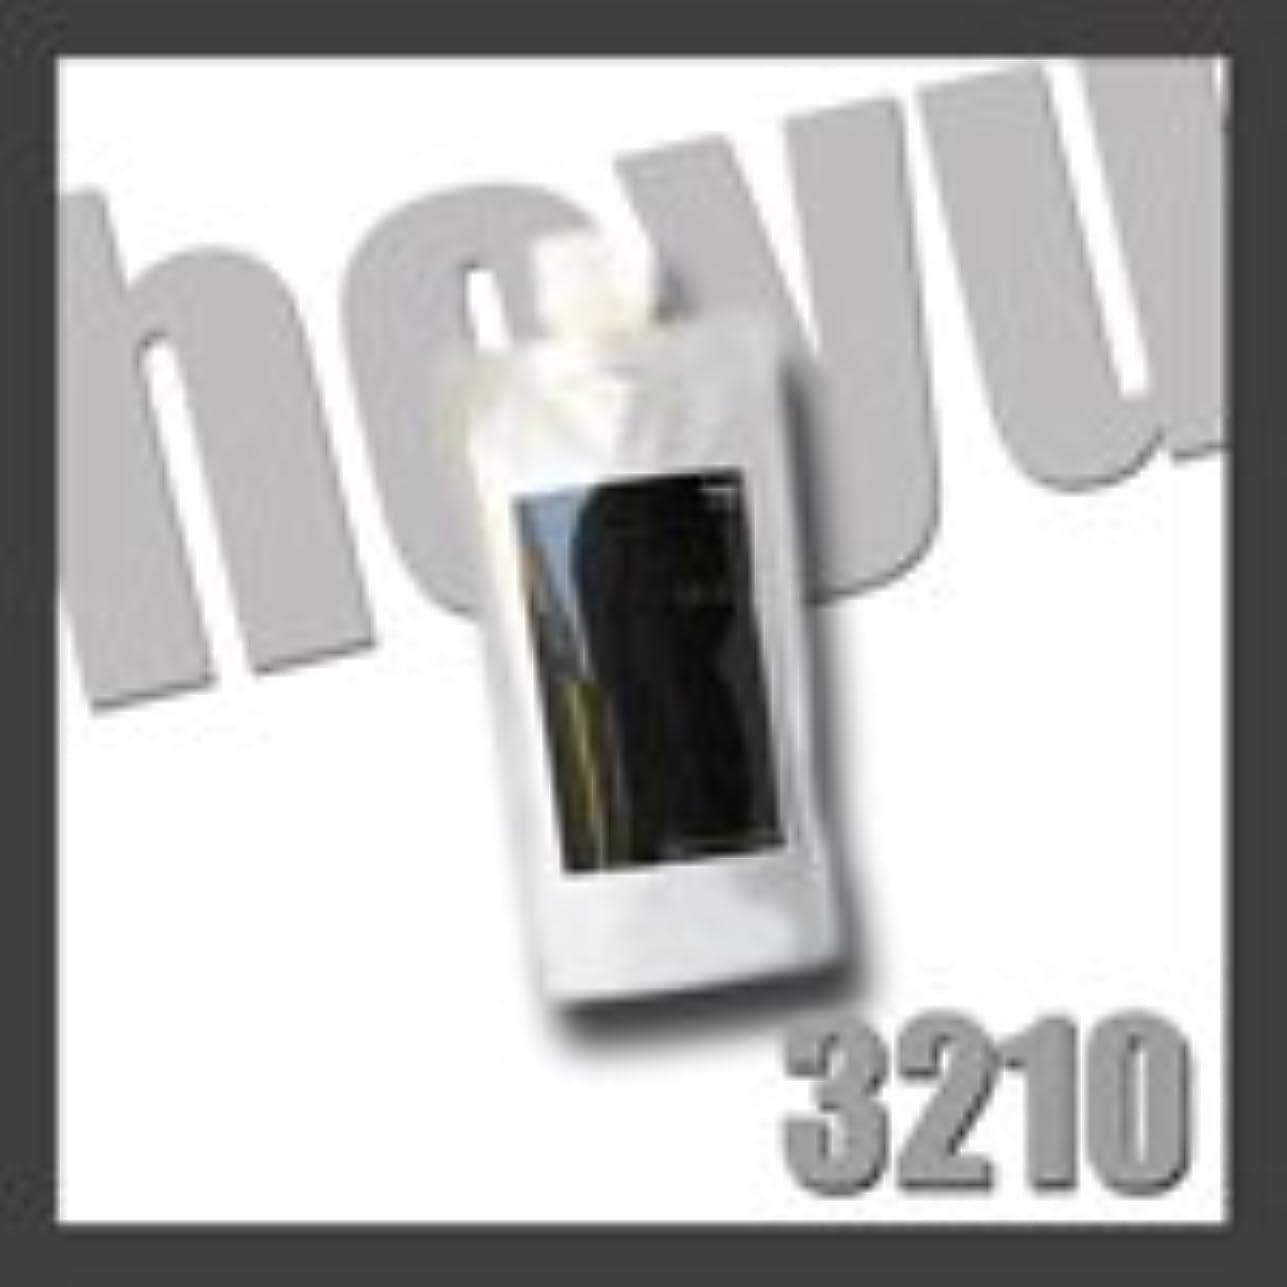 とても多くのもっと安定HOYU ホーユー 3210 ミニーレ ウルトラハード ワックス レフィル 200g 詰替用 フィニッシュワークシリーズ